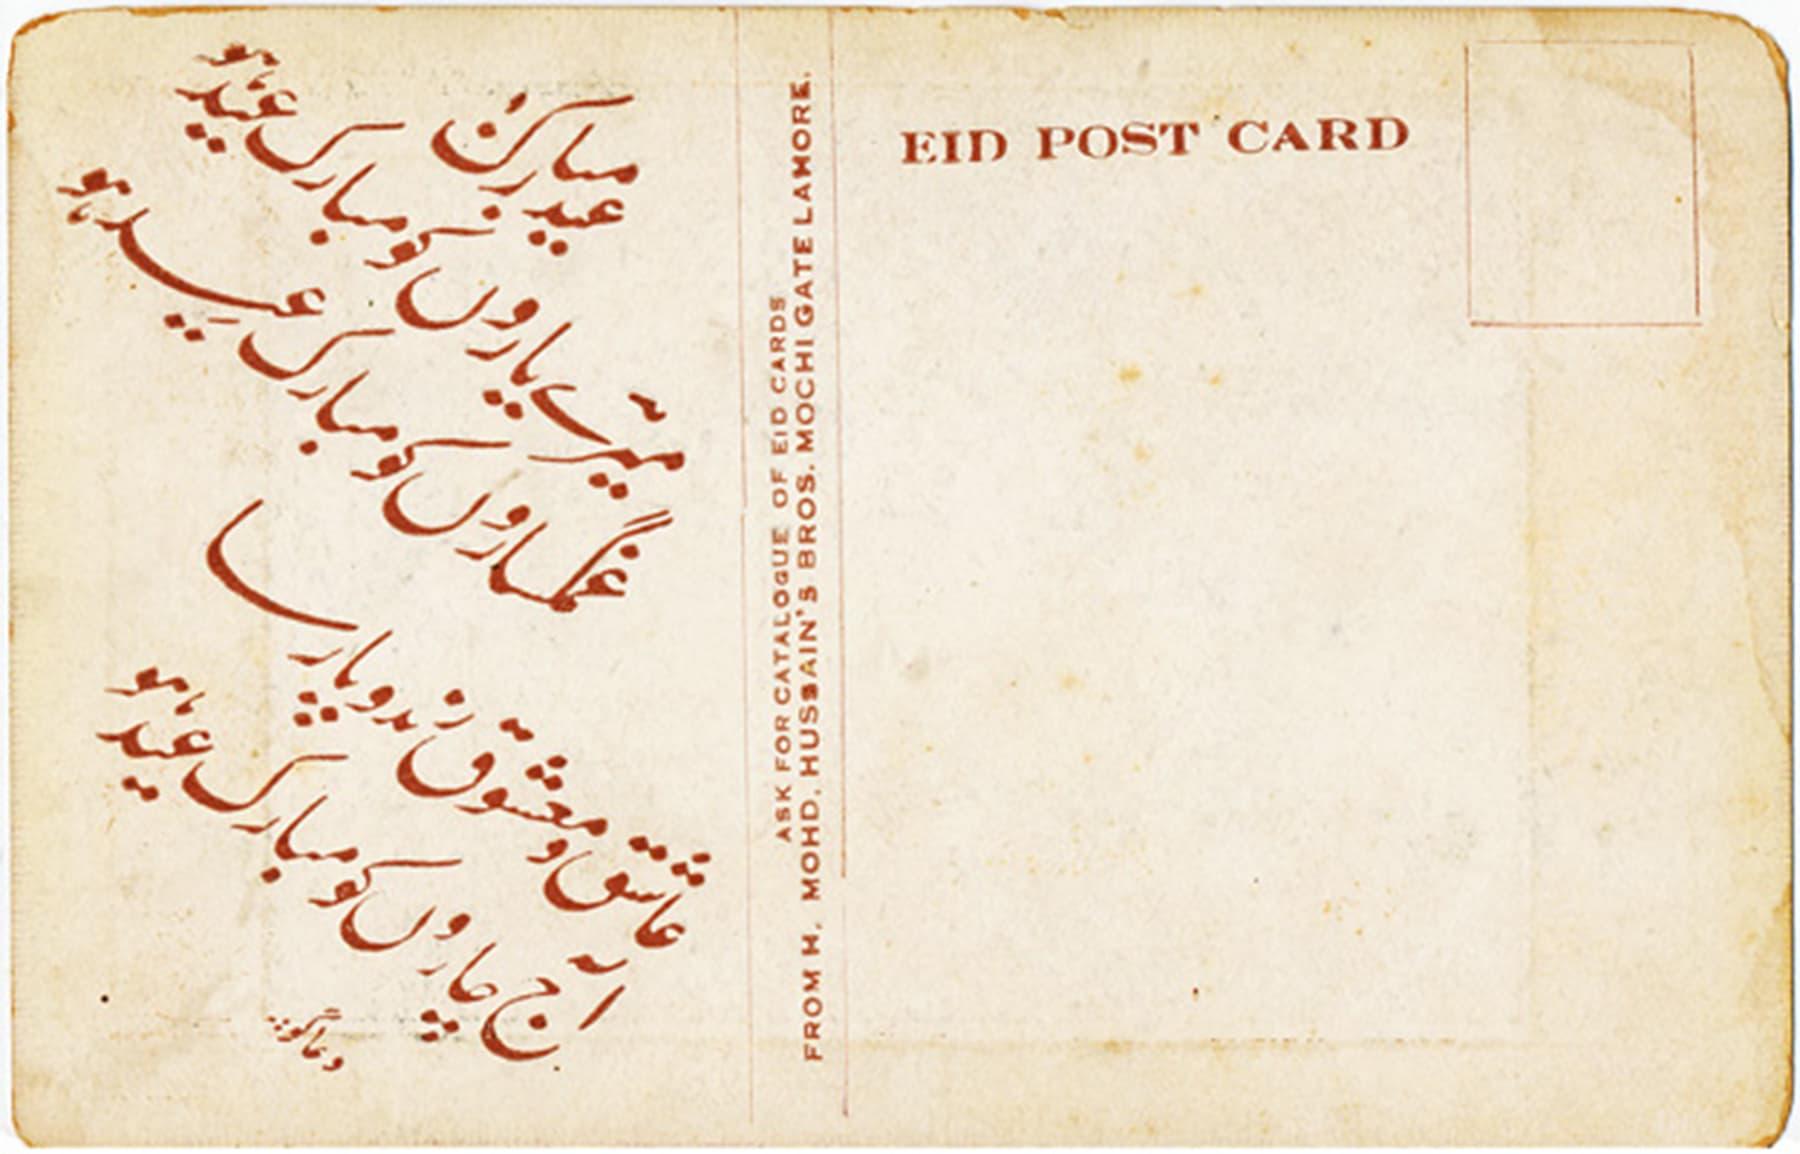 لاہور سے شائع کیے گئے ایک کارڈ پر اردو شاعری۔